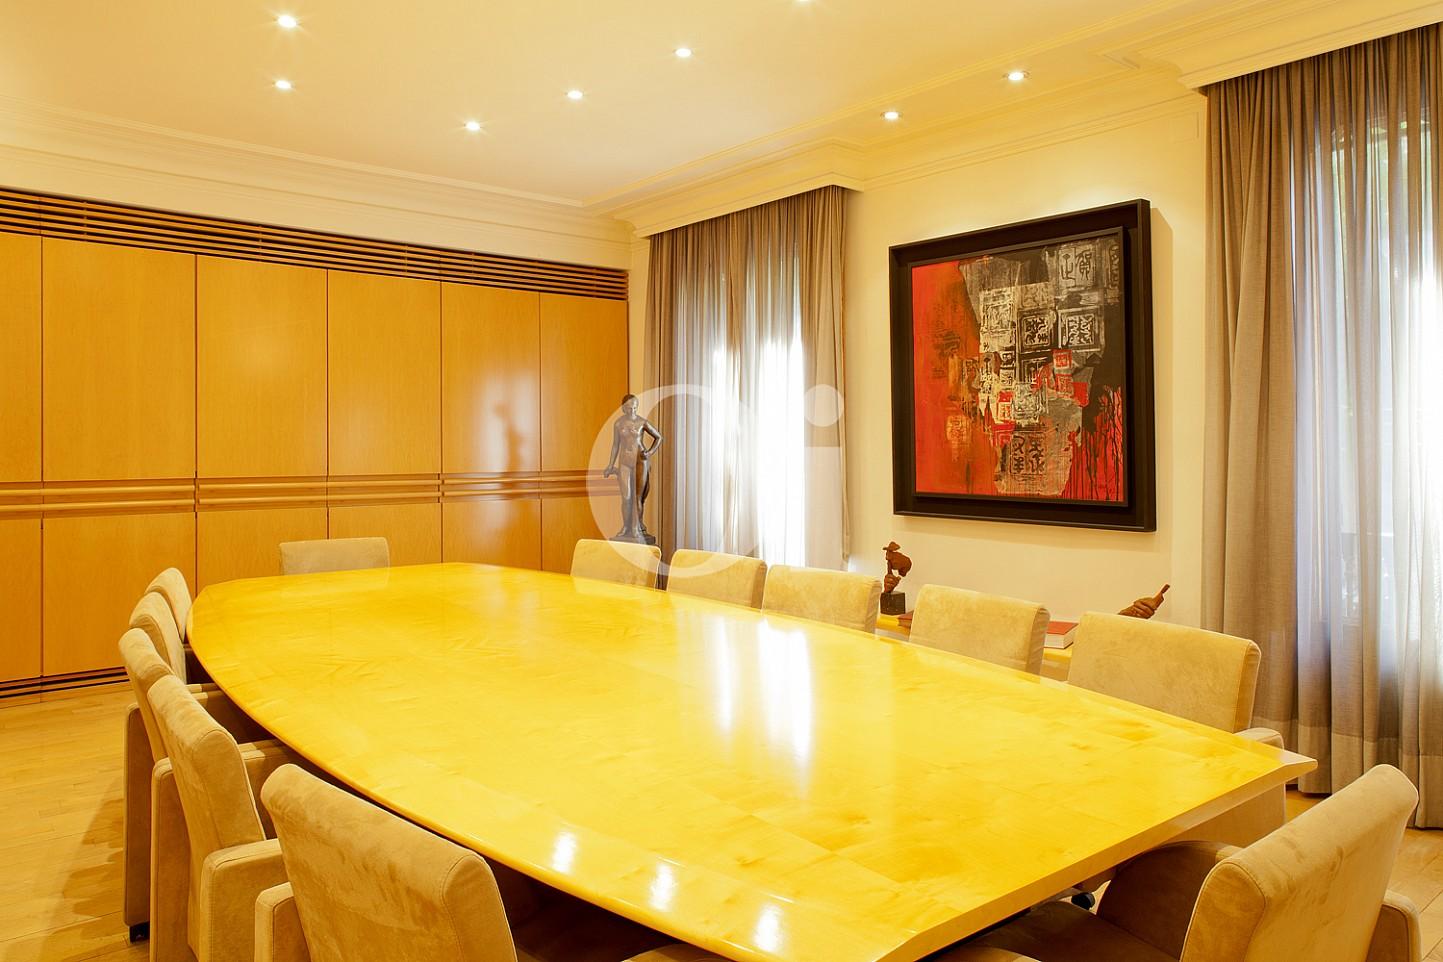 Grosses Besprechungszimmer  einer Wohnung zum Verkauf im Viertel Eixample Derecho Barcelonas